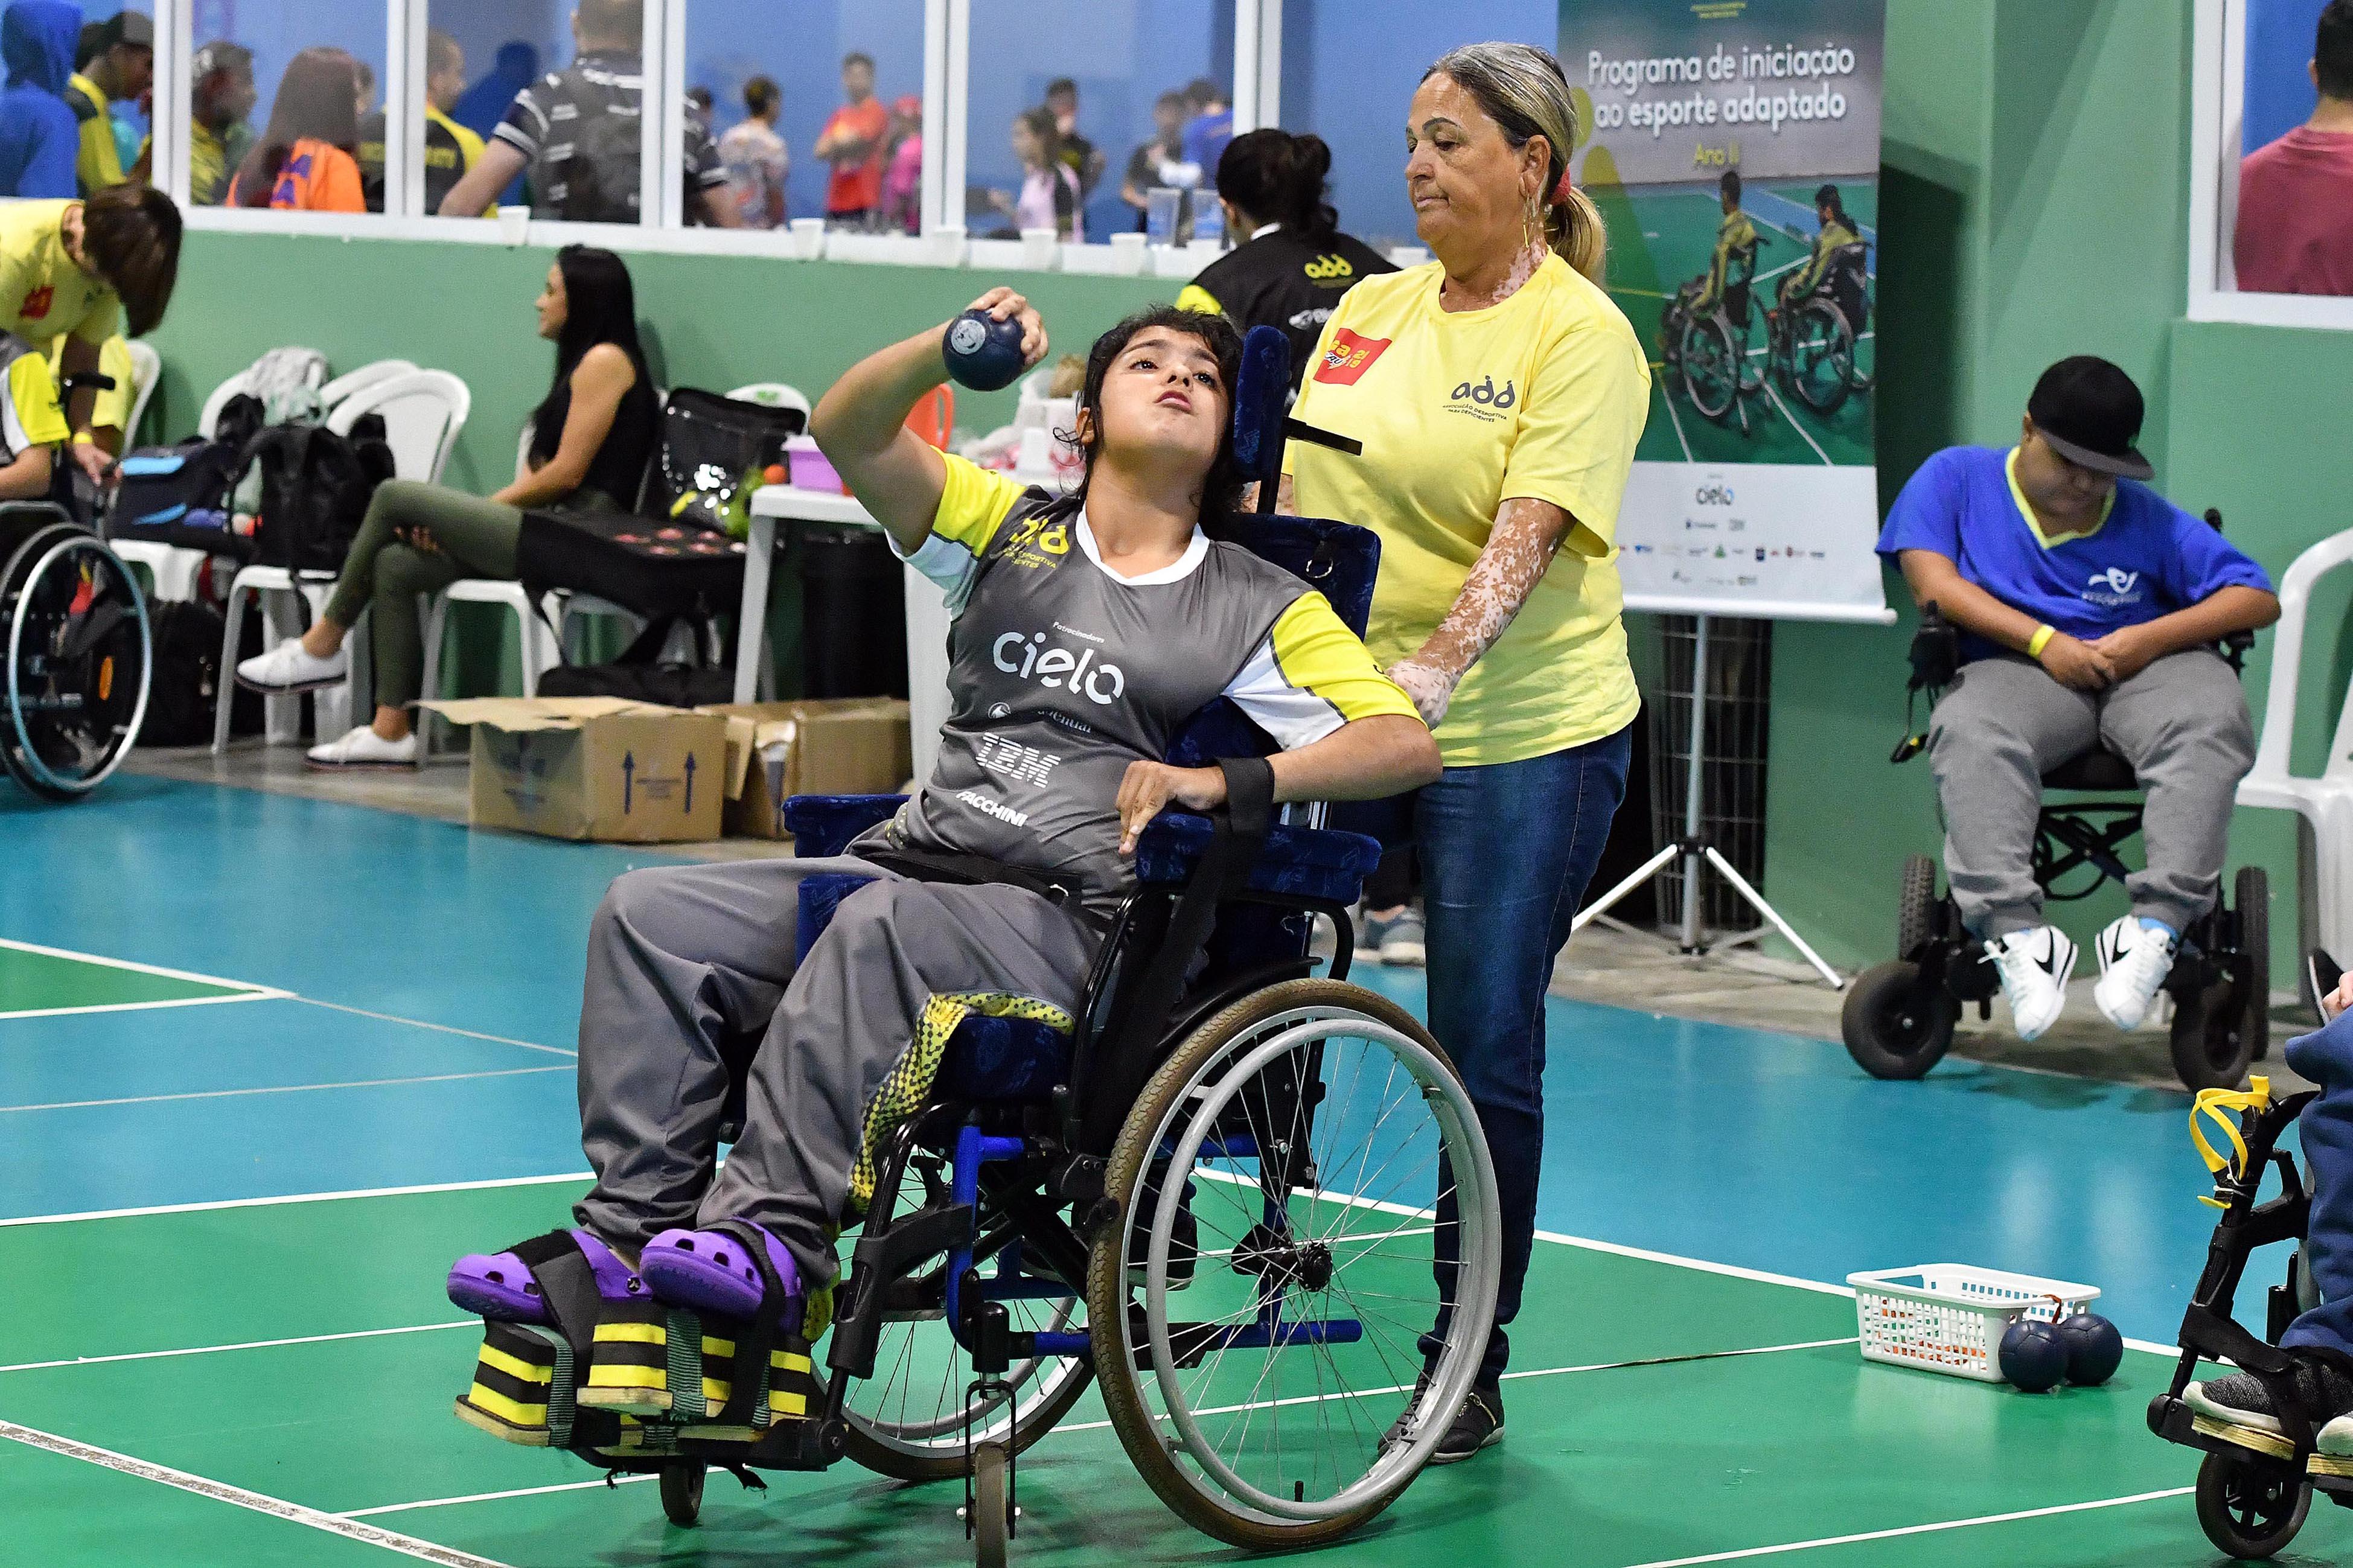 Liga Nescau reúne 4 mil alunos com e sem deficiência em competição estudantil 3